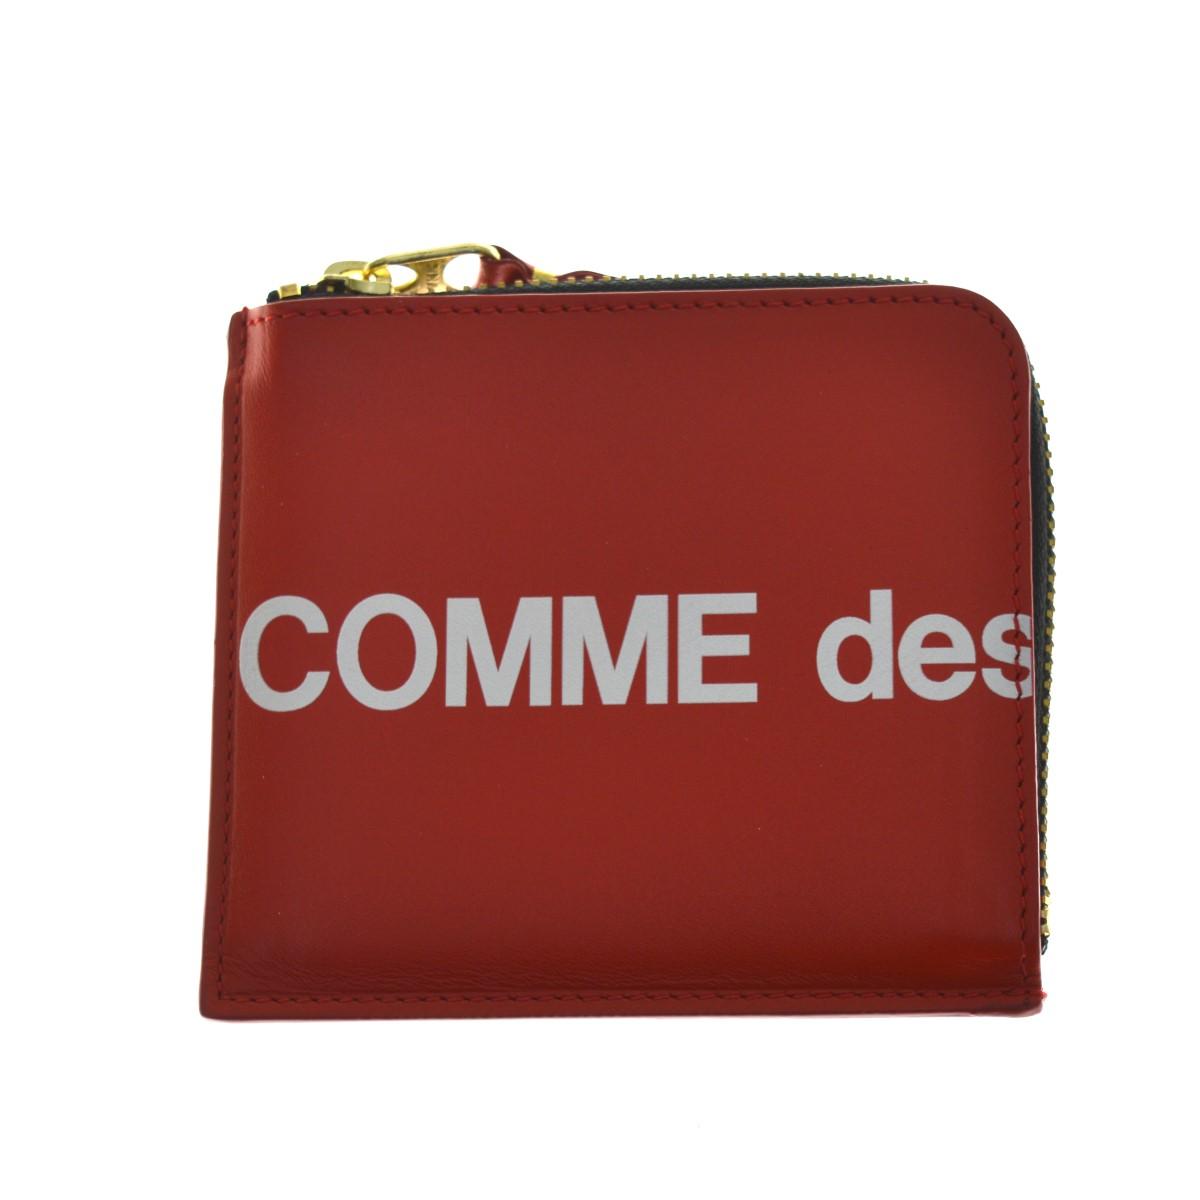 【中古】COMME des GARCONS CDG Huge Logo Wallet 財布 8Z-T031-051-2-1 レッド 【210520】(コムデギャルソン)